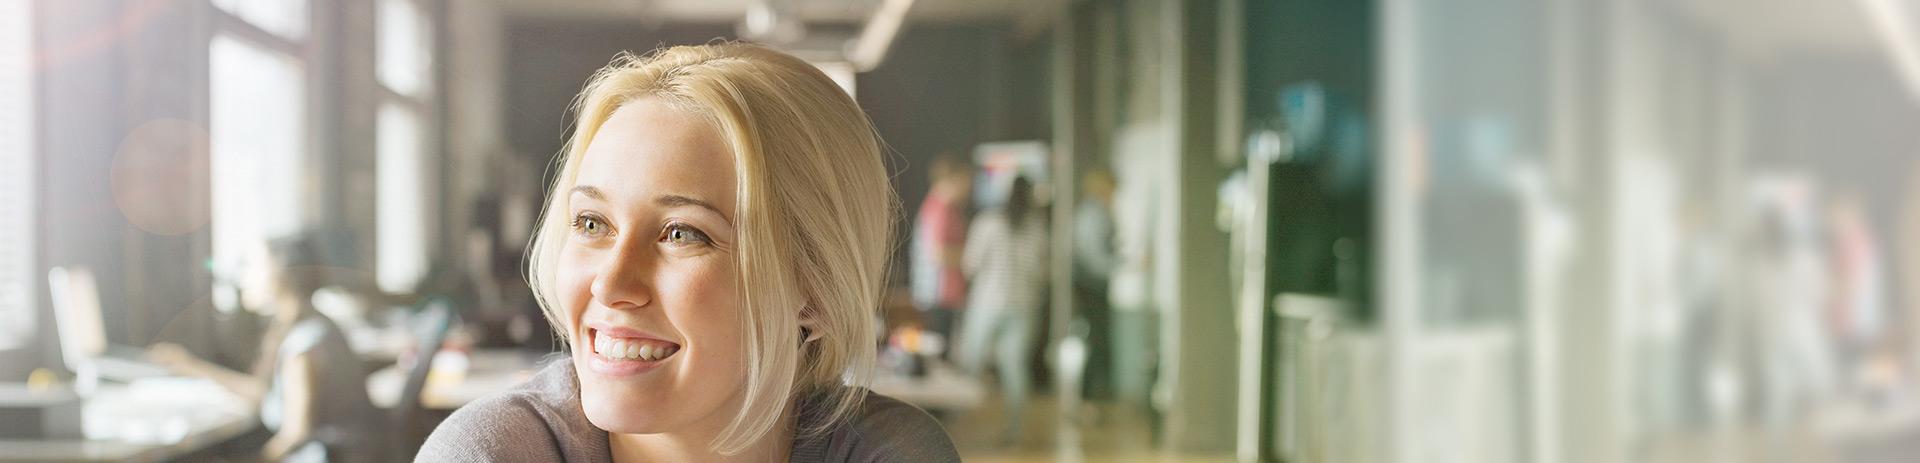 Lächelnde Geschäftsfrau mit Büro im Hintergrund